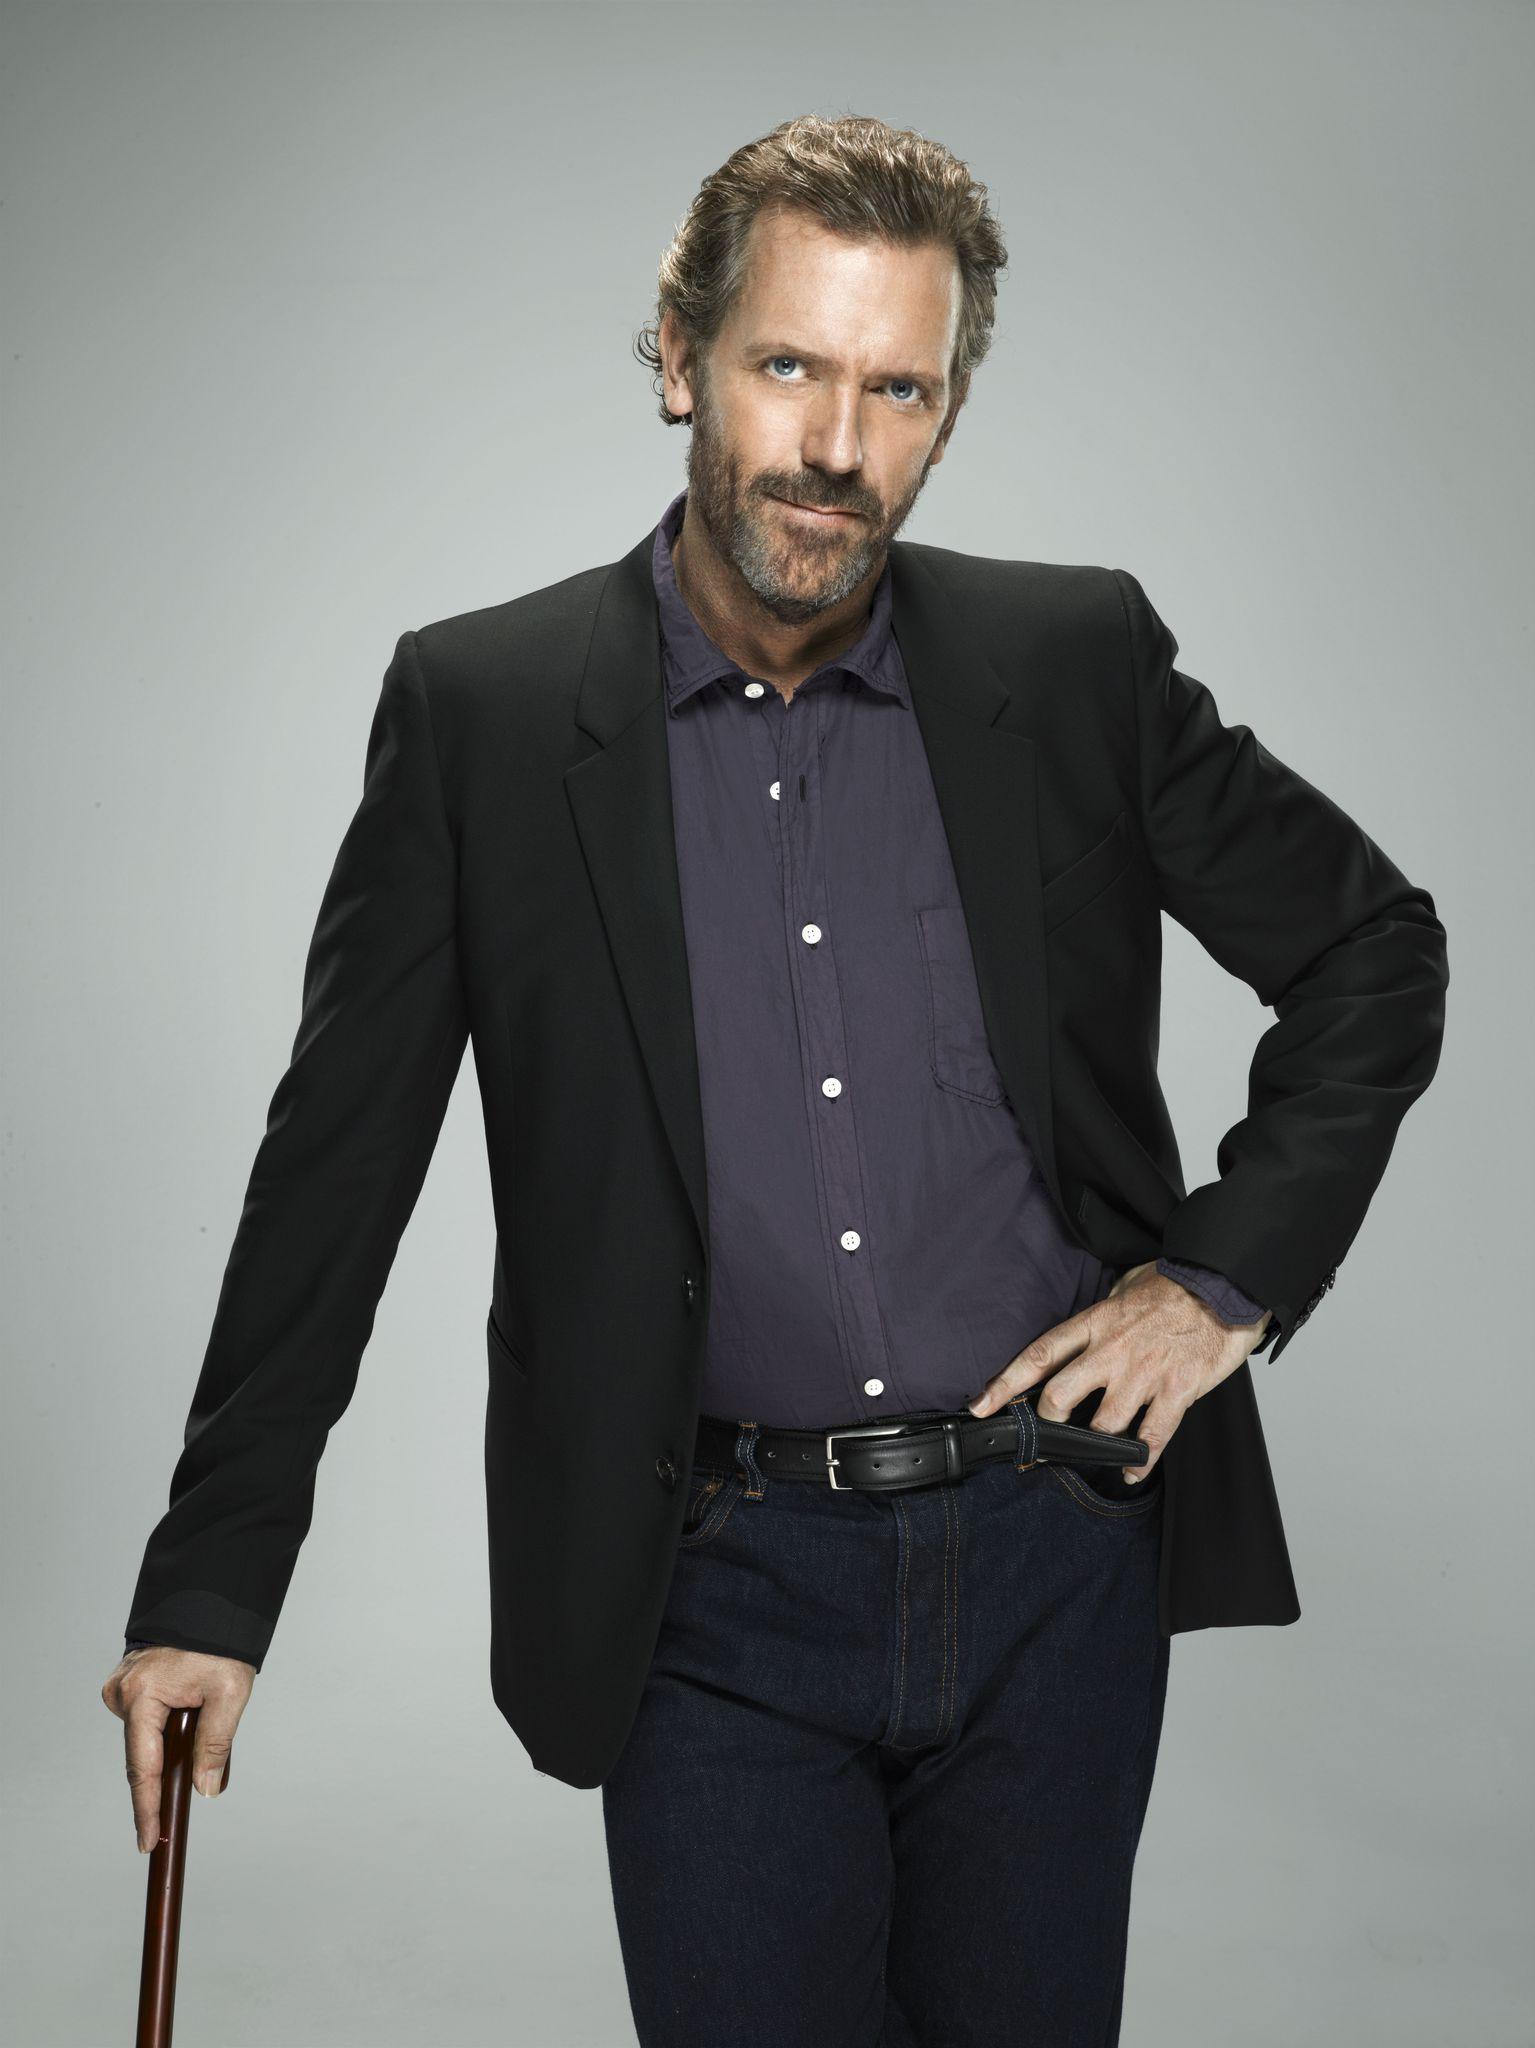 Доктор Хаус сериал 8 сезонов  фото кадры из фильма